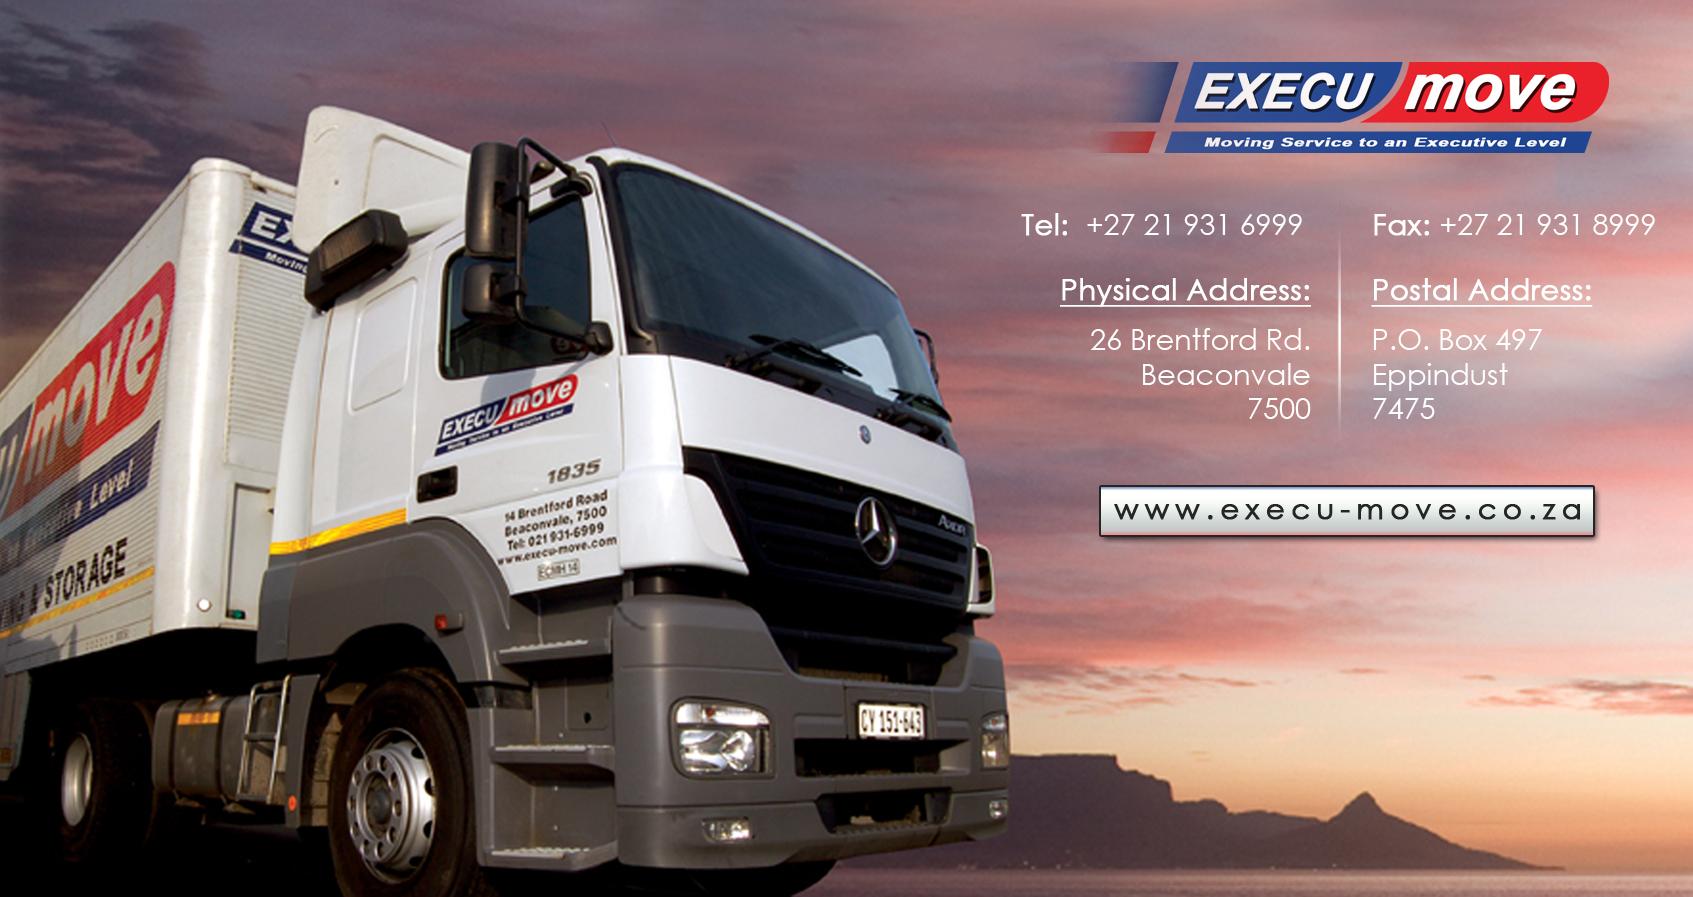 execumove_truck